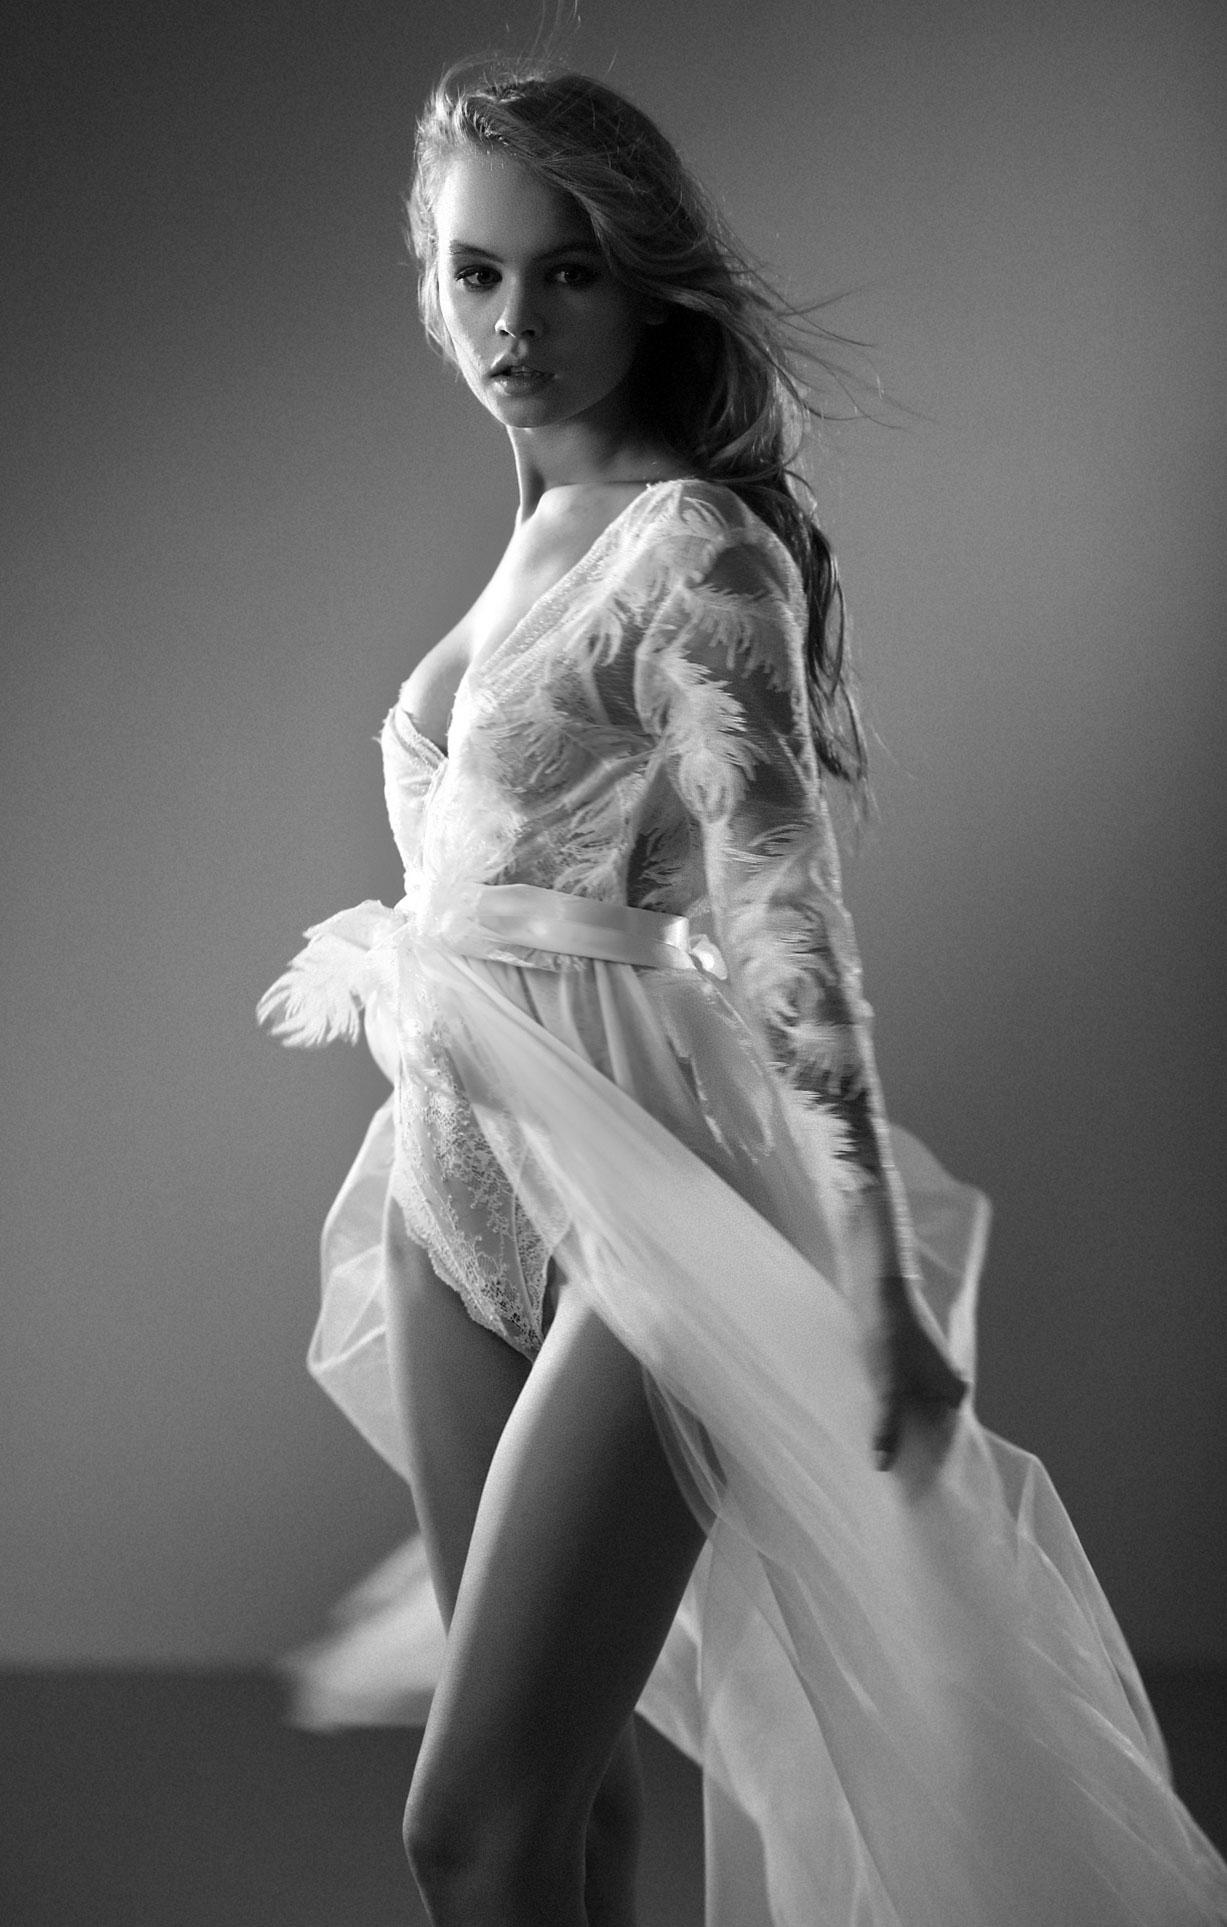 Анастасия Щеглова в нижнем белье для невесты / фото 02